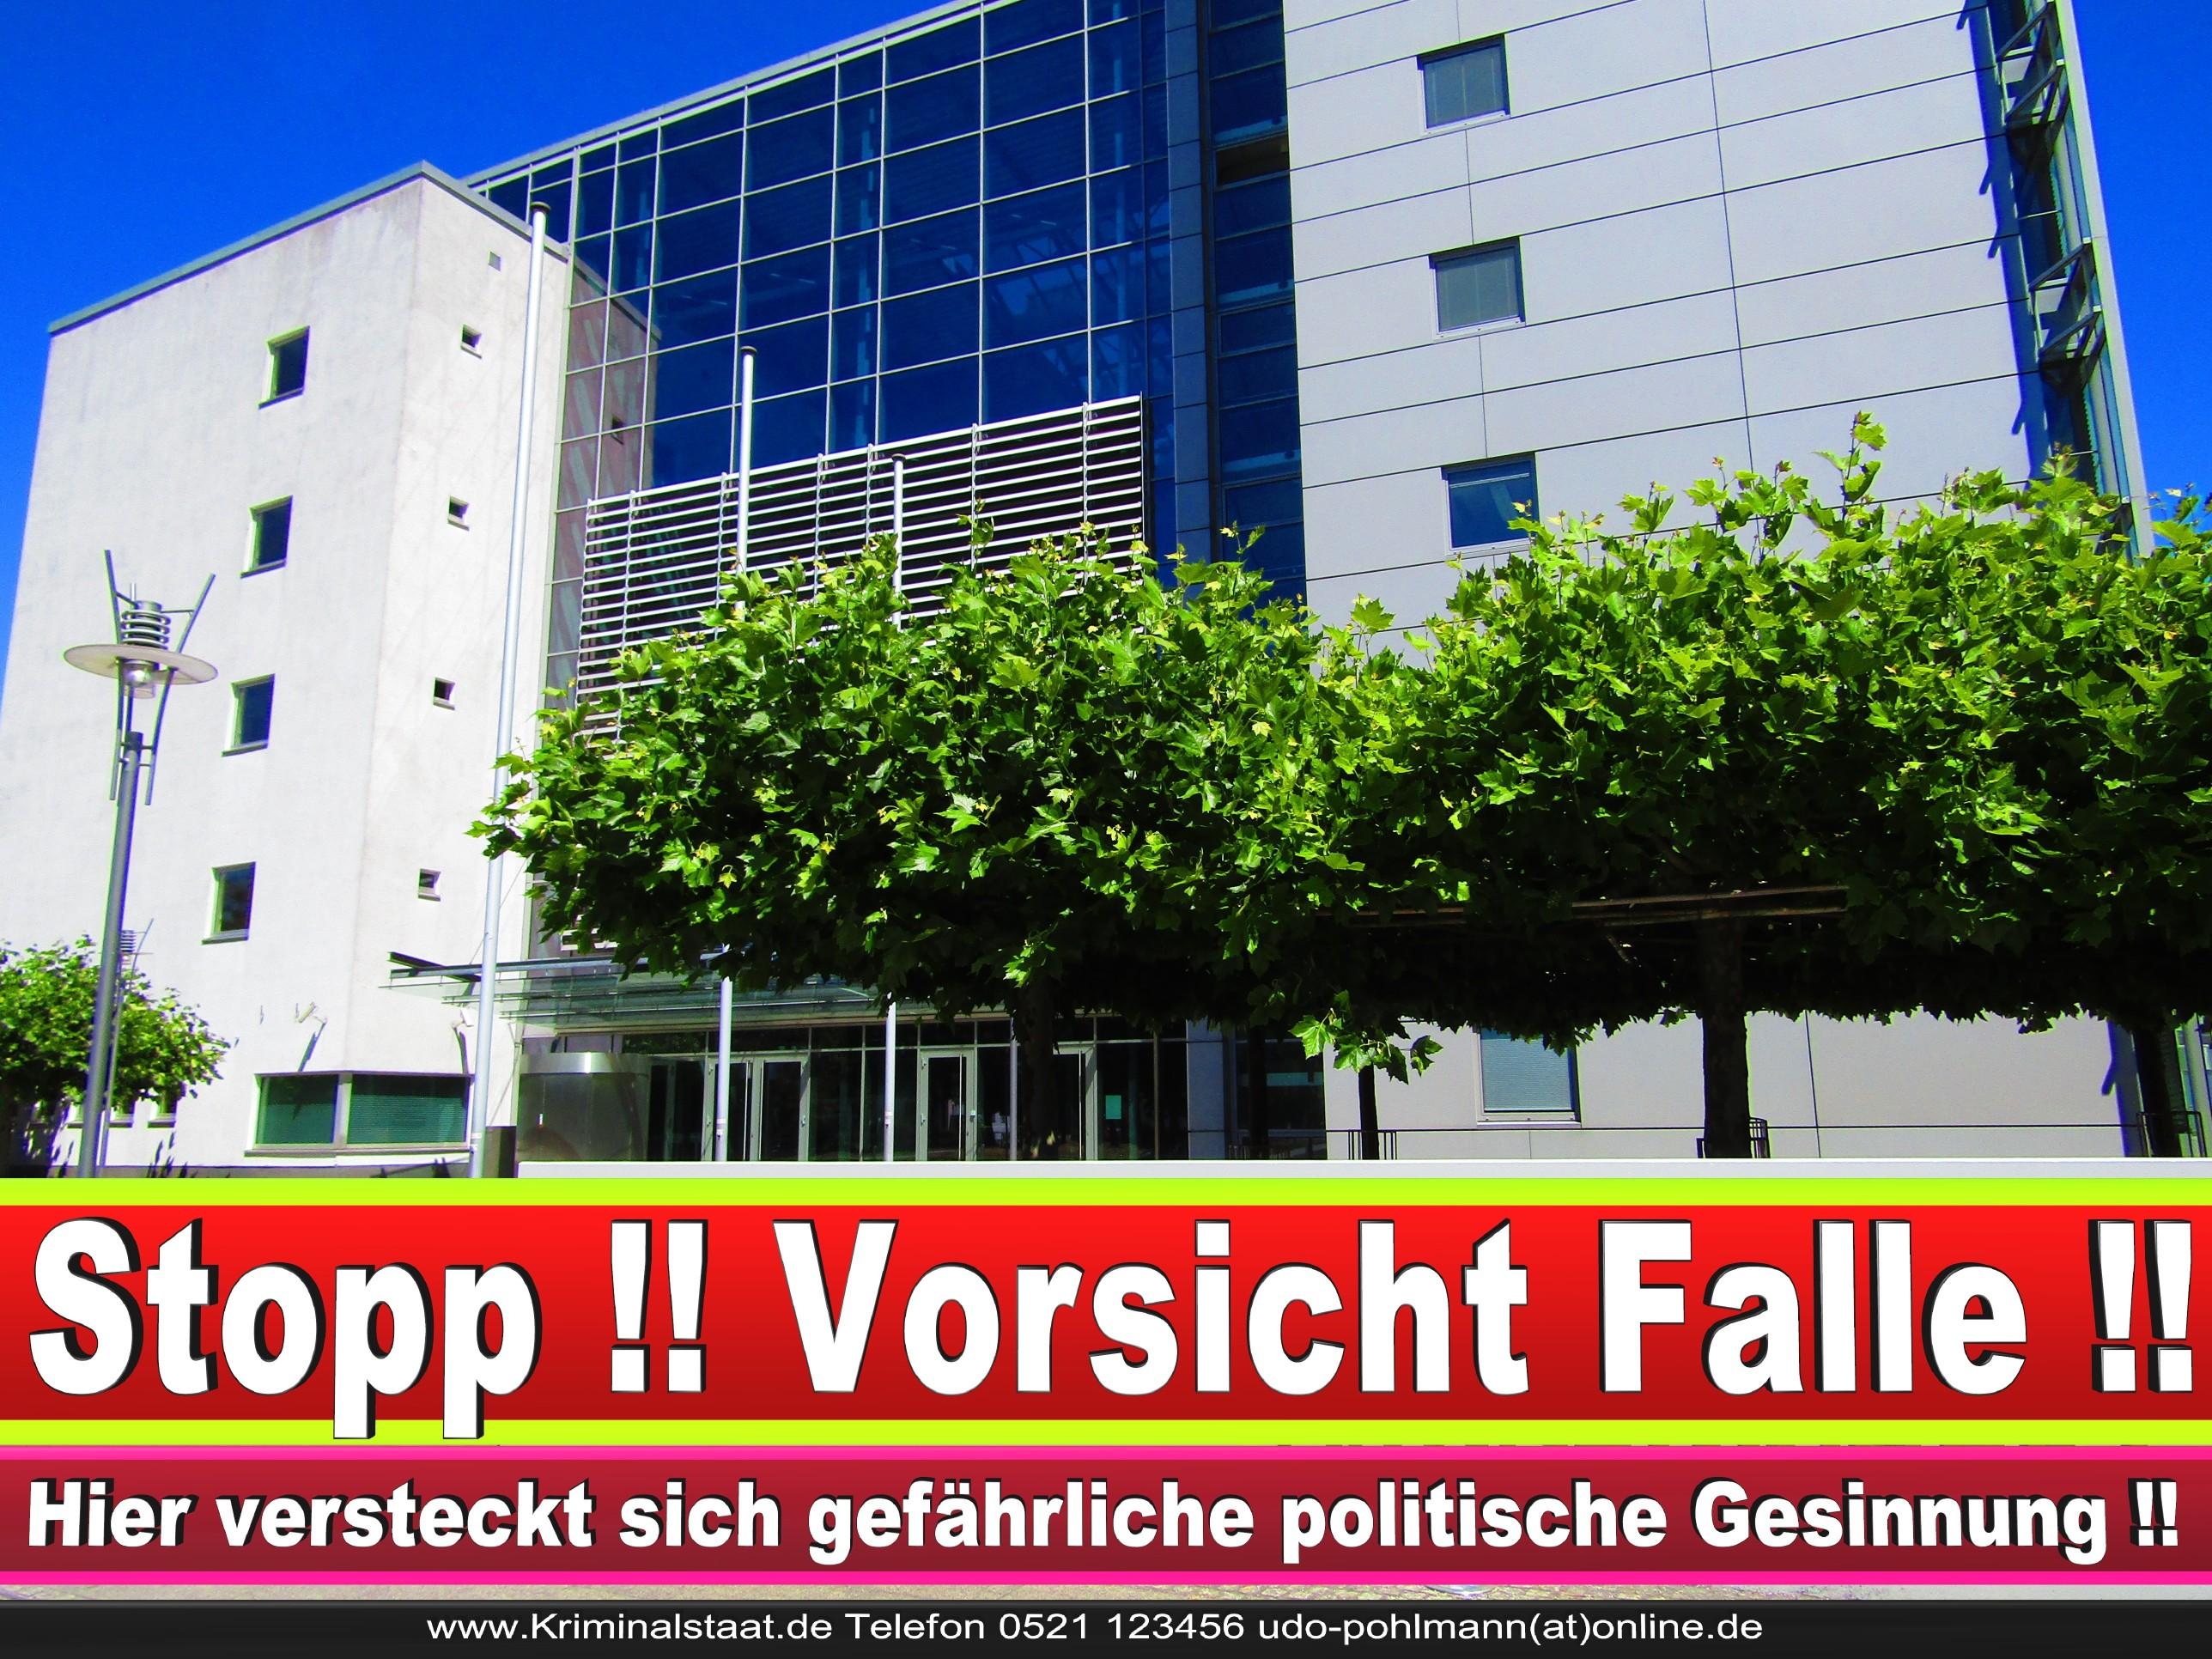 OLG Hamm Oberlandesgericht Hamm Landgericht Polizei Staatsanwaltschaft Generalstaatsanwaltschaft StA GeStA Praktikum Korruption Rechtsbeugung Richter Justiz Justizministerium (47)